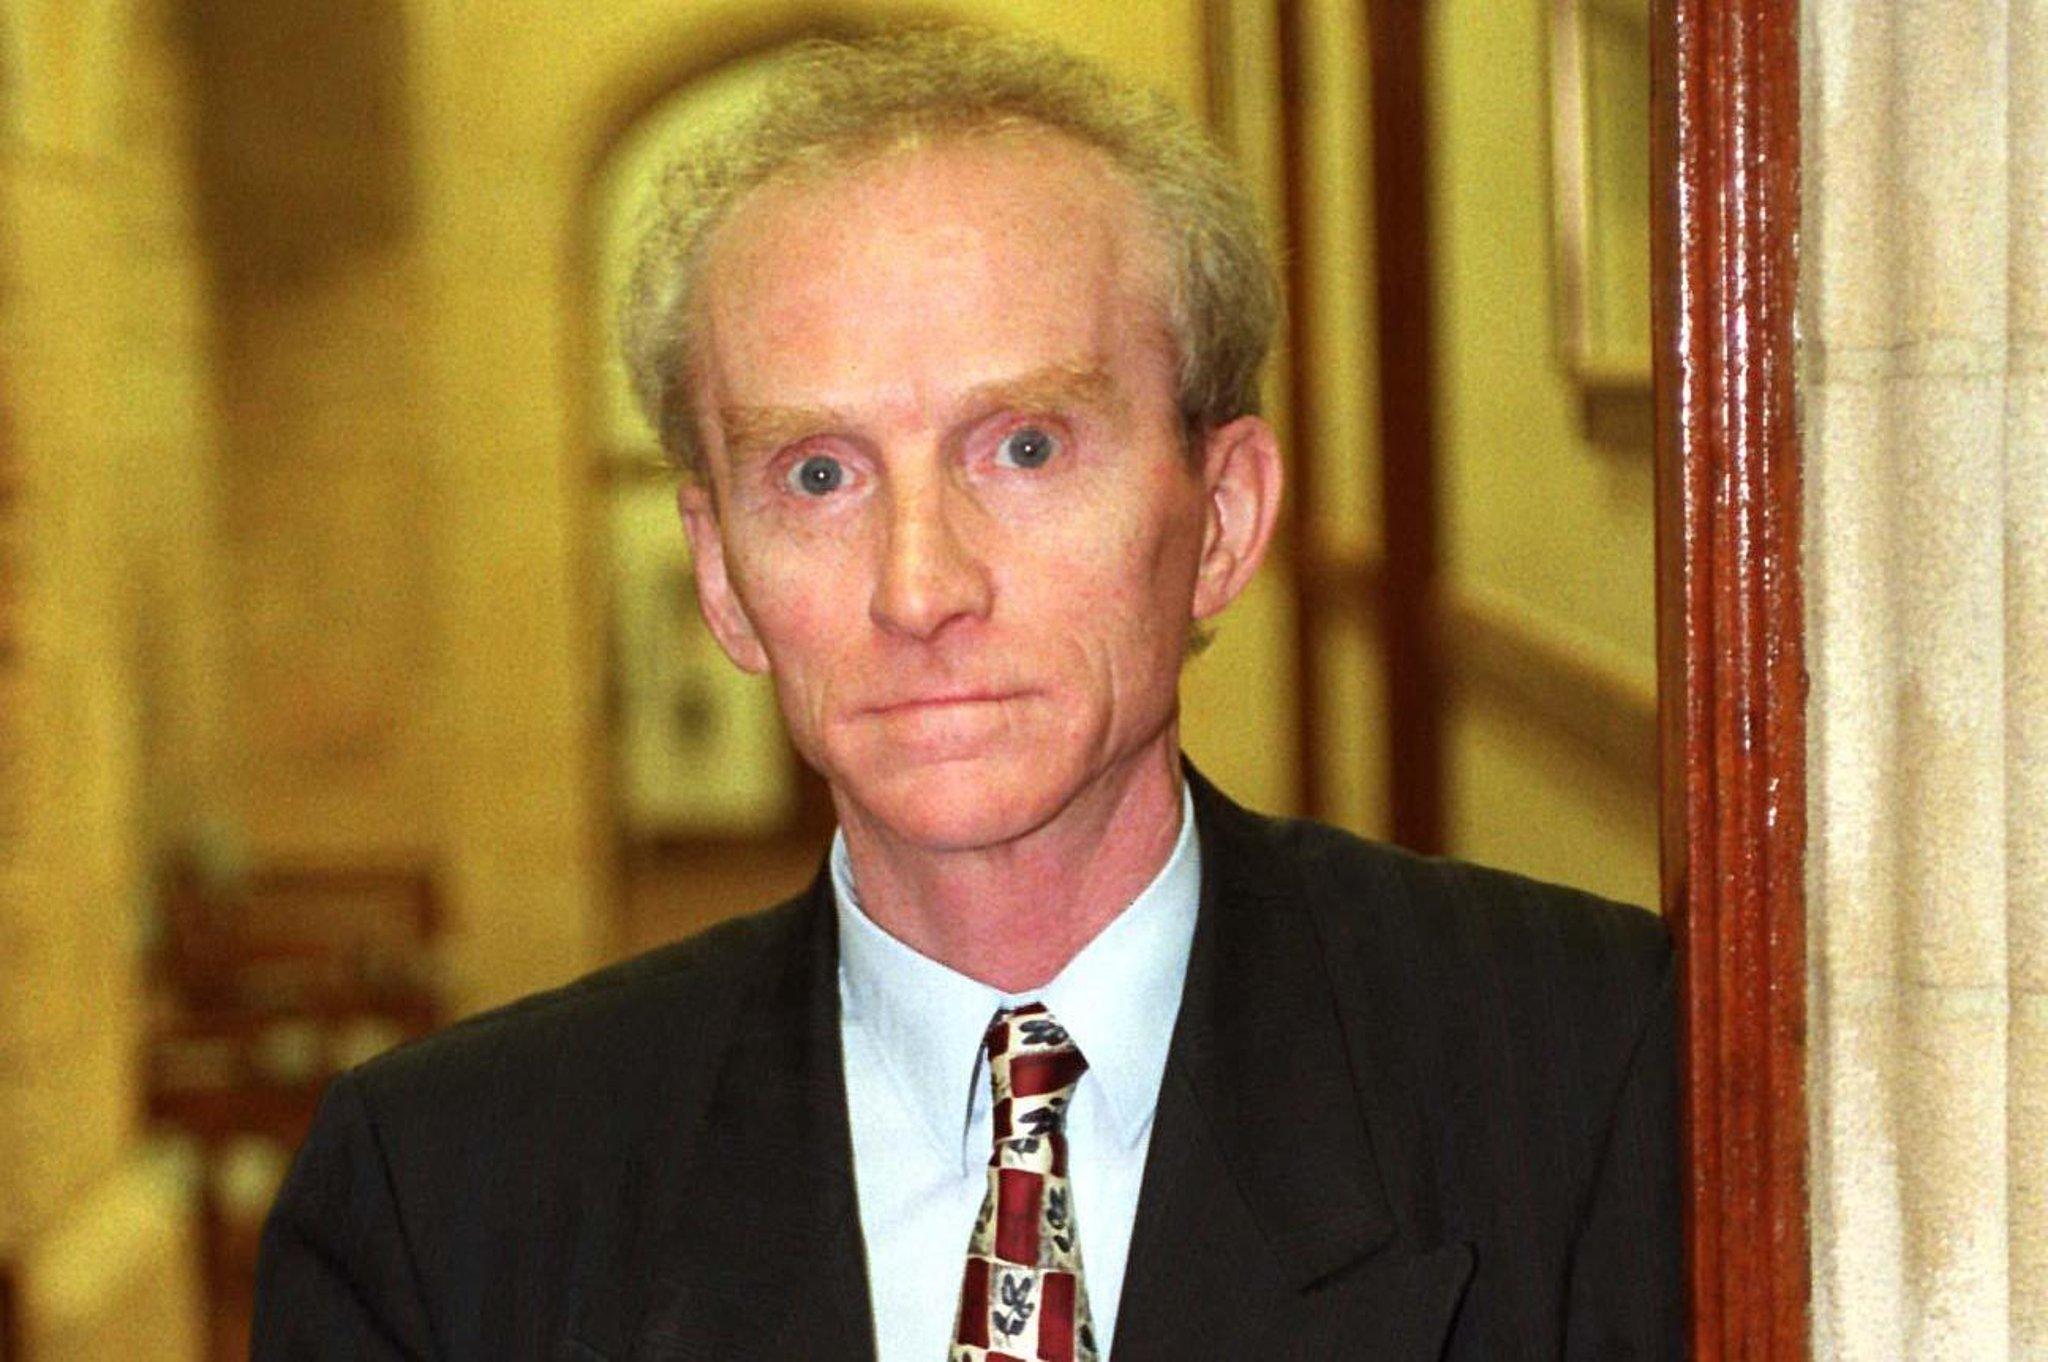 Ernie Ross: Penghormatan kepada mantan anggota parlemen Dundee yang 'suara penuh semangat melawan ketidakadilan'